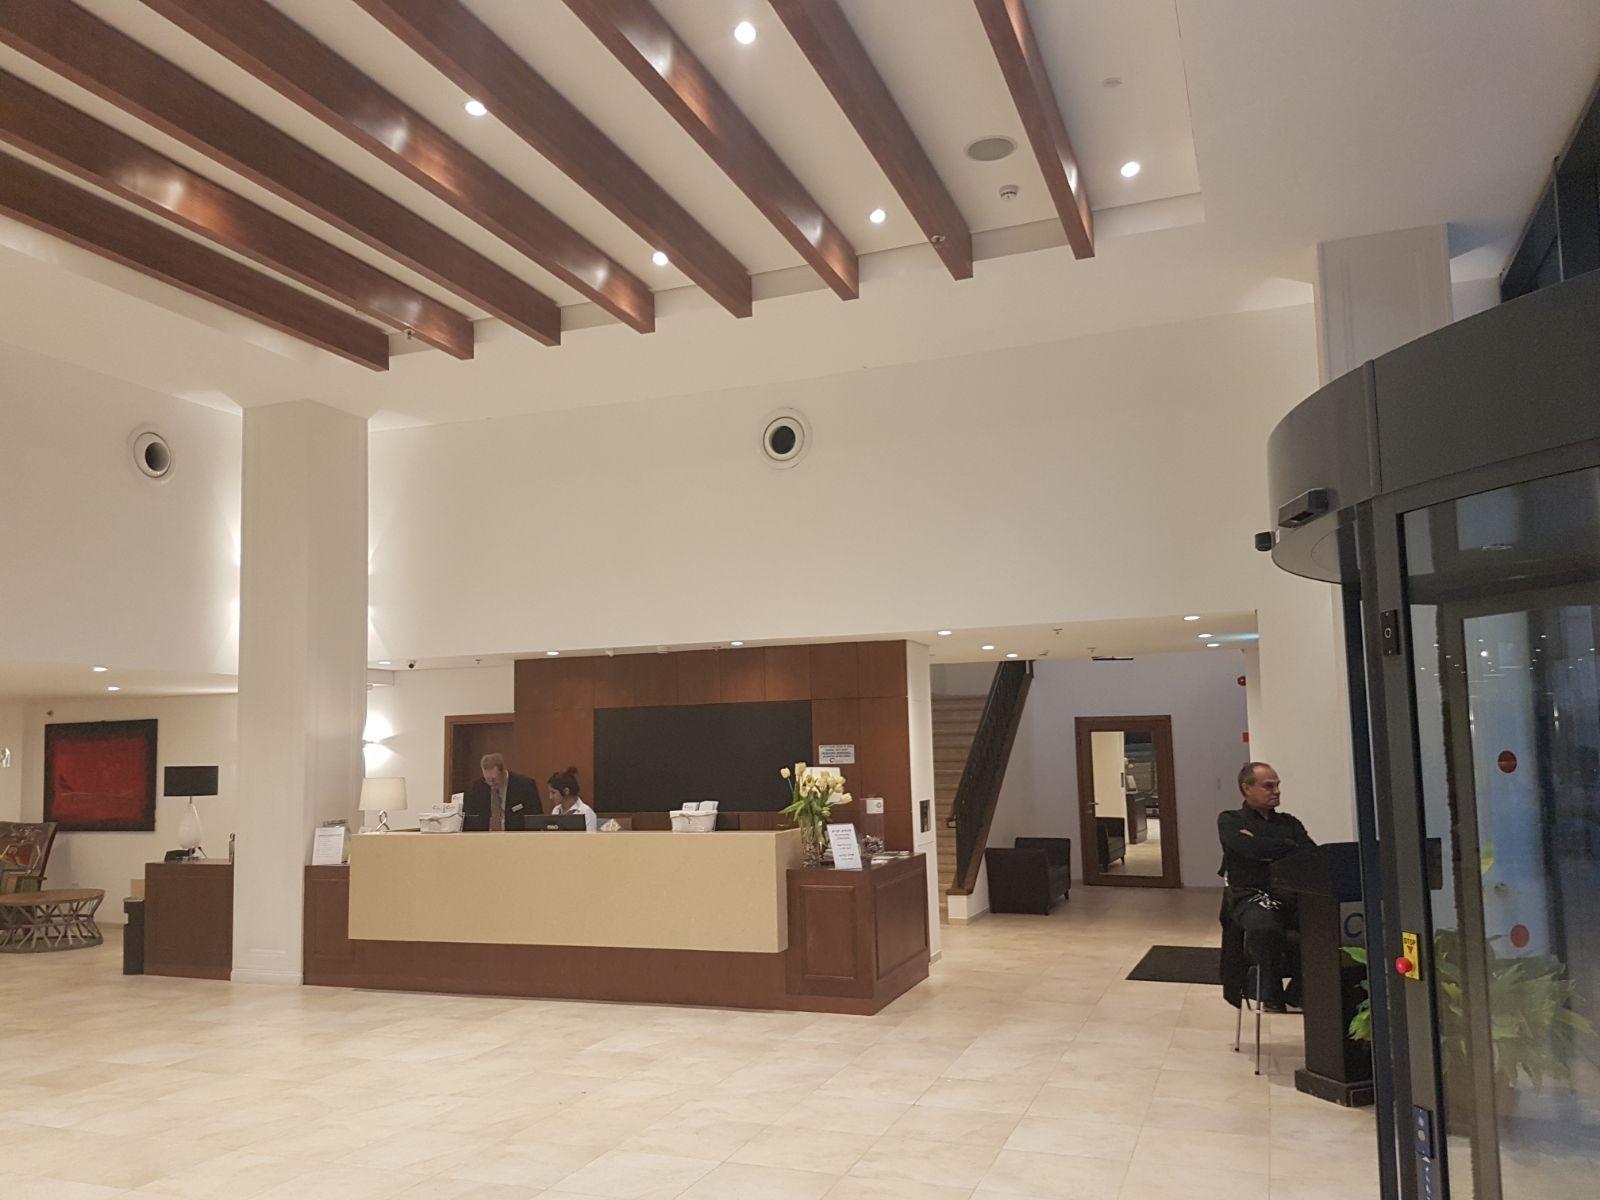 מלון C HOTEL, נווה אילן תמונה מספר 5